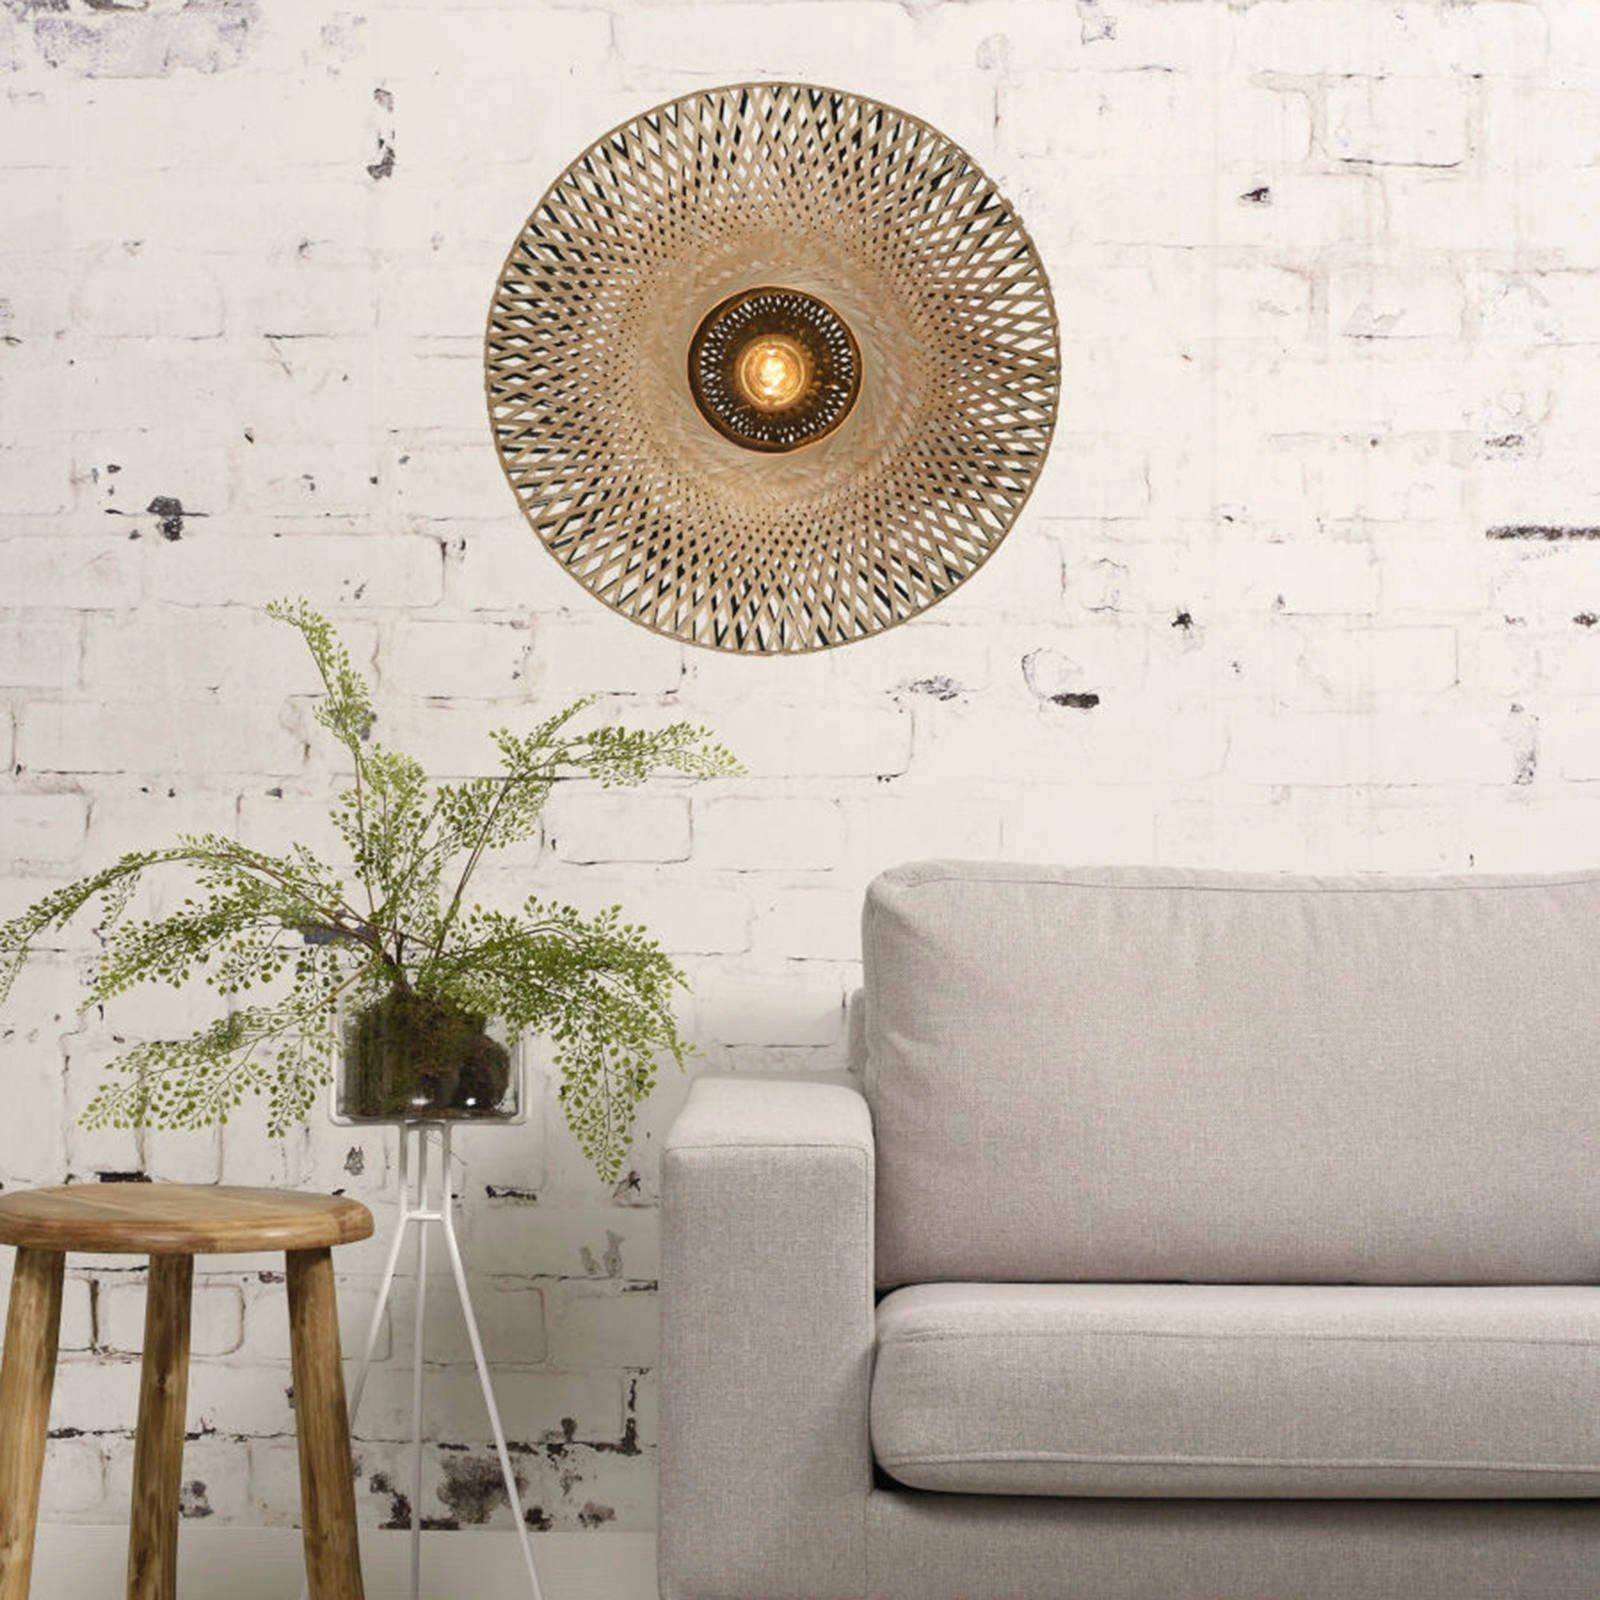 Ronde wandlamp van bamboe, een bank en een plant